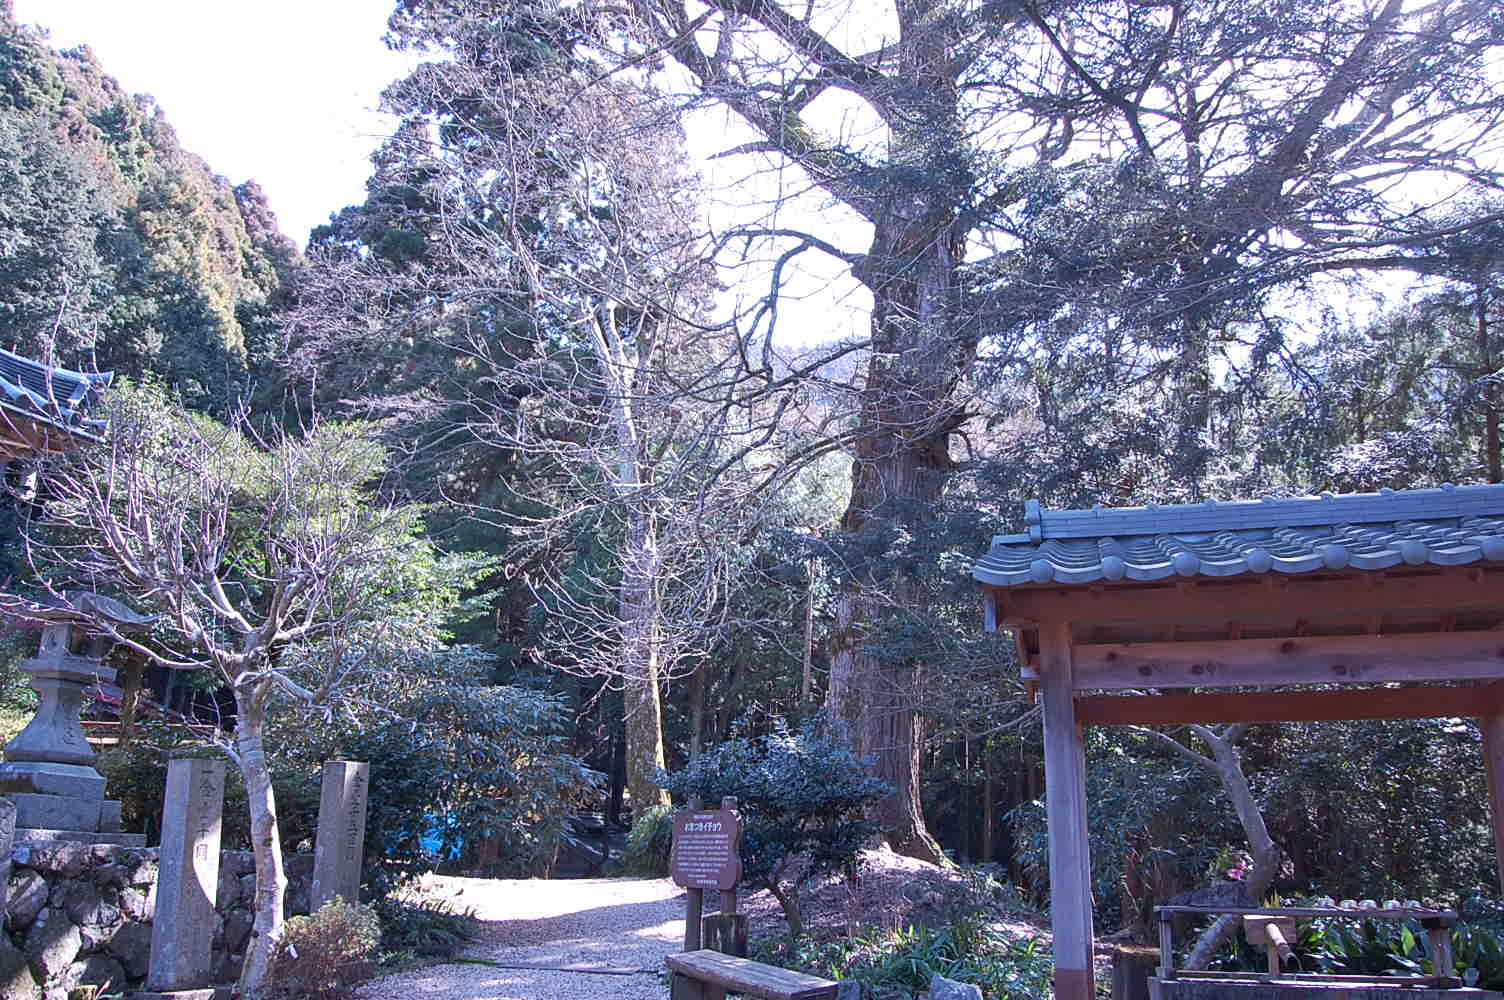 多武峰の尼寺のお葉つき銀杏まつり_a0237937_15114260.jpg